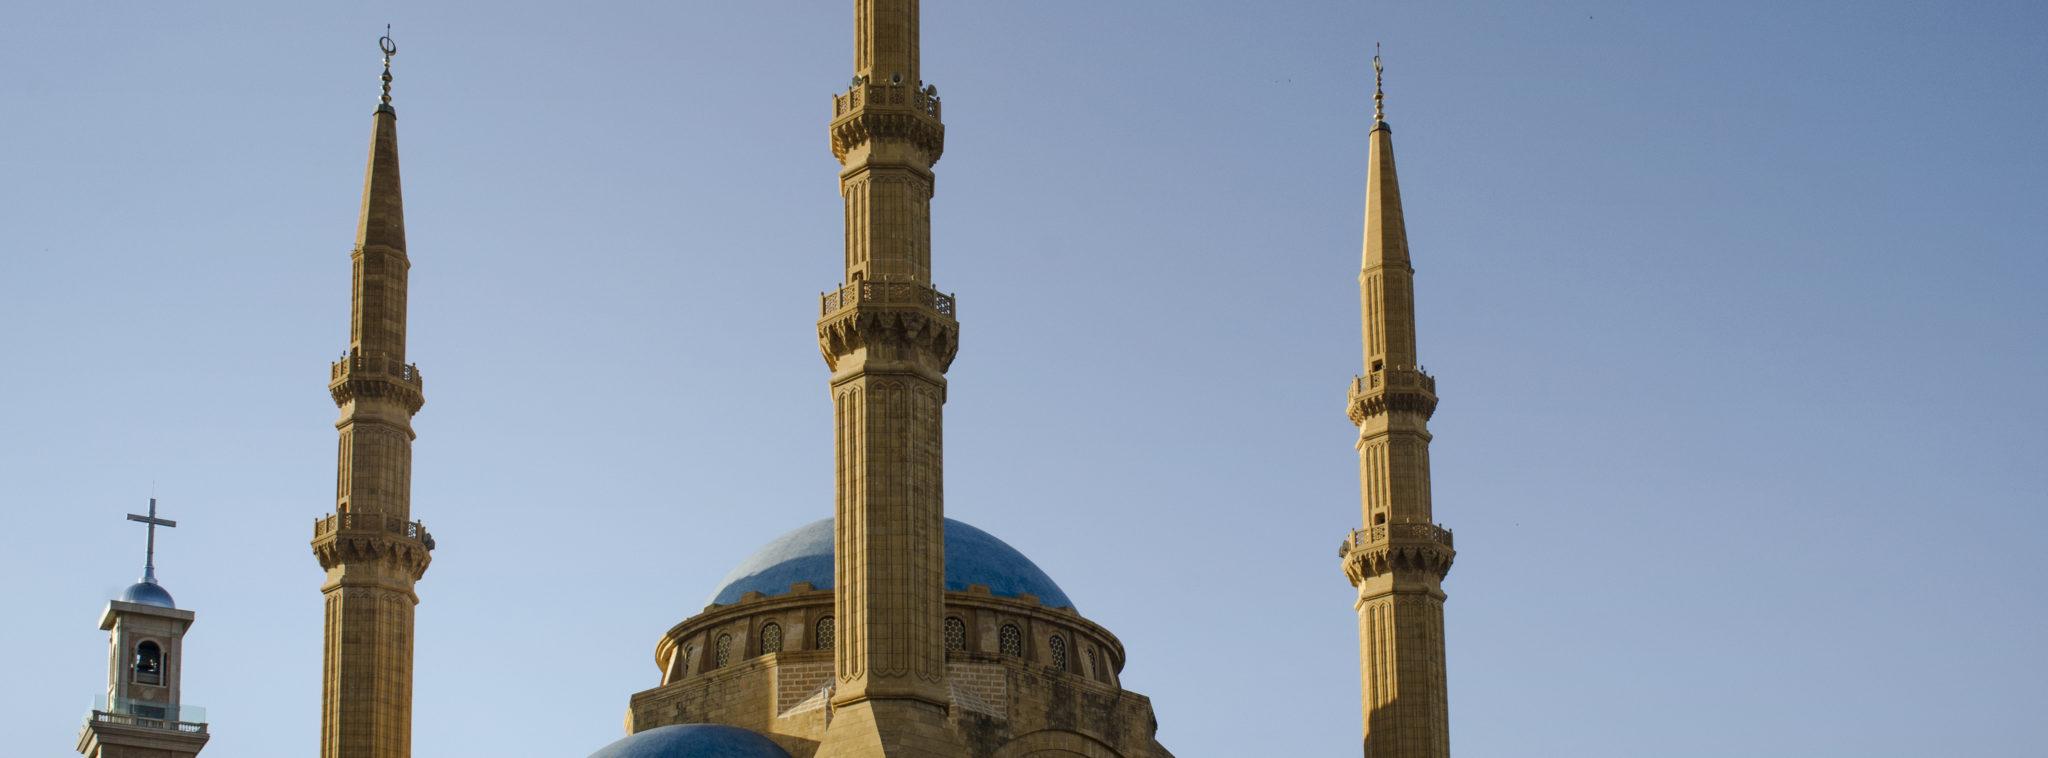 Libanon-Sehenswuerdigkeiten-Mohammed-al-Amin-Moschee-Slider